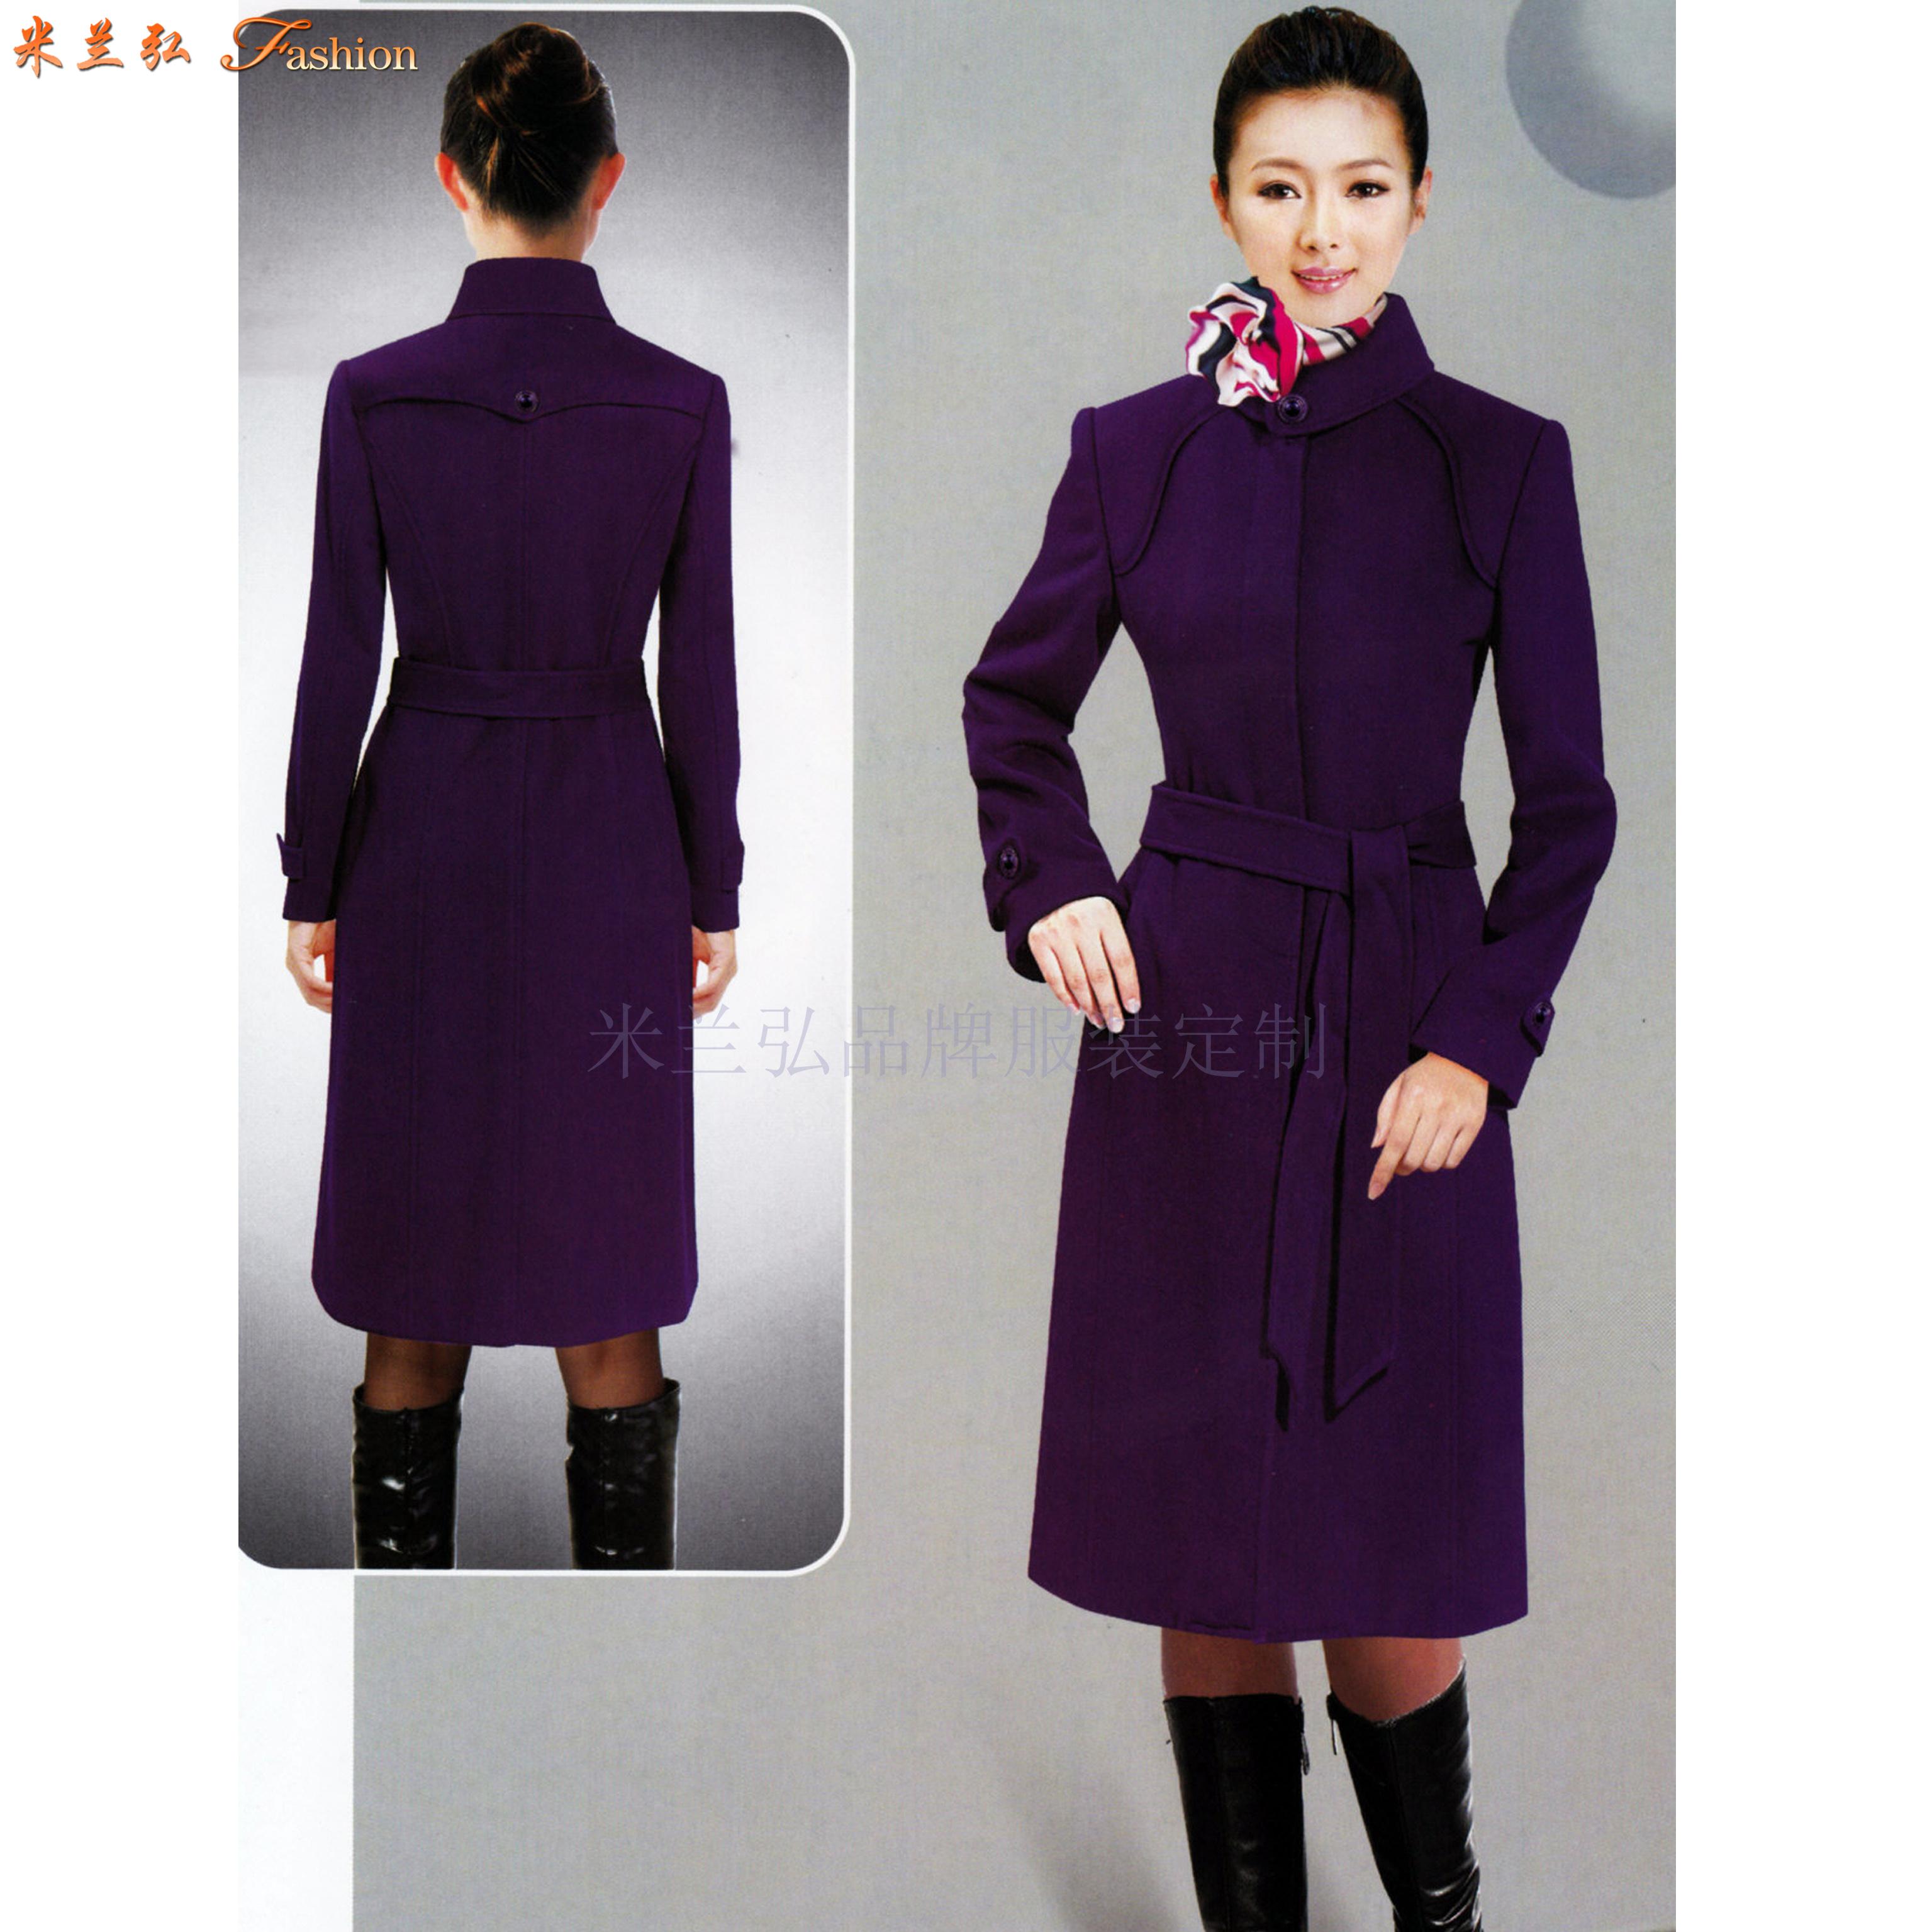 安徽大衣定做-呢子大衣訂做廠家價格-米蘭弘廠家-3